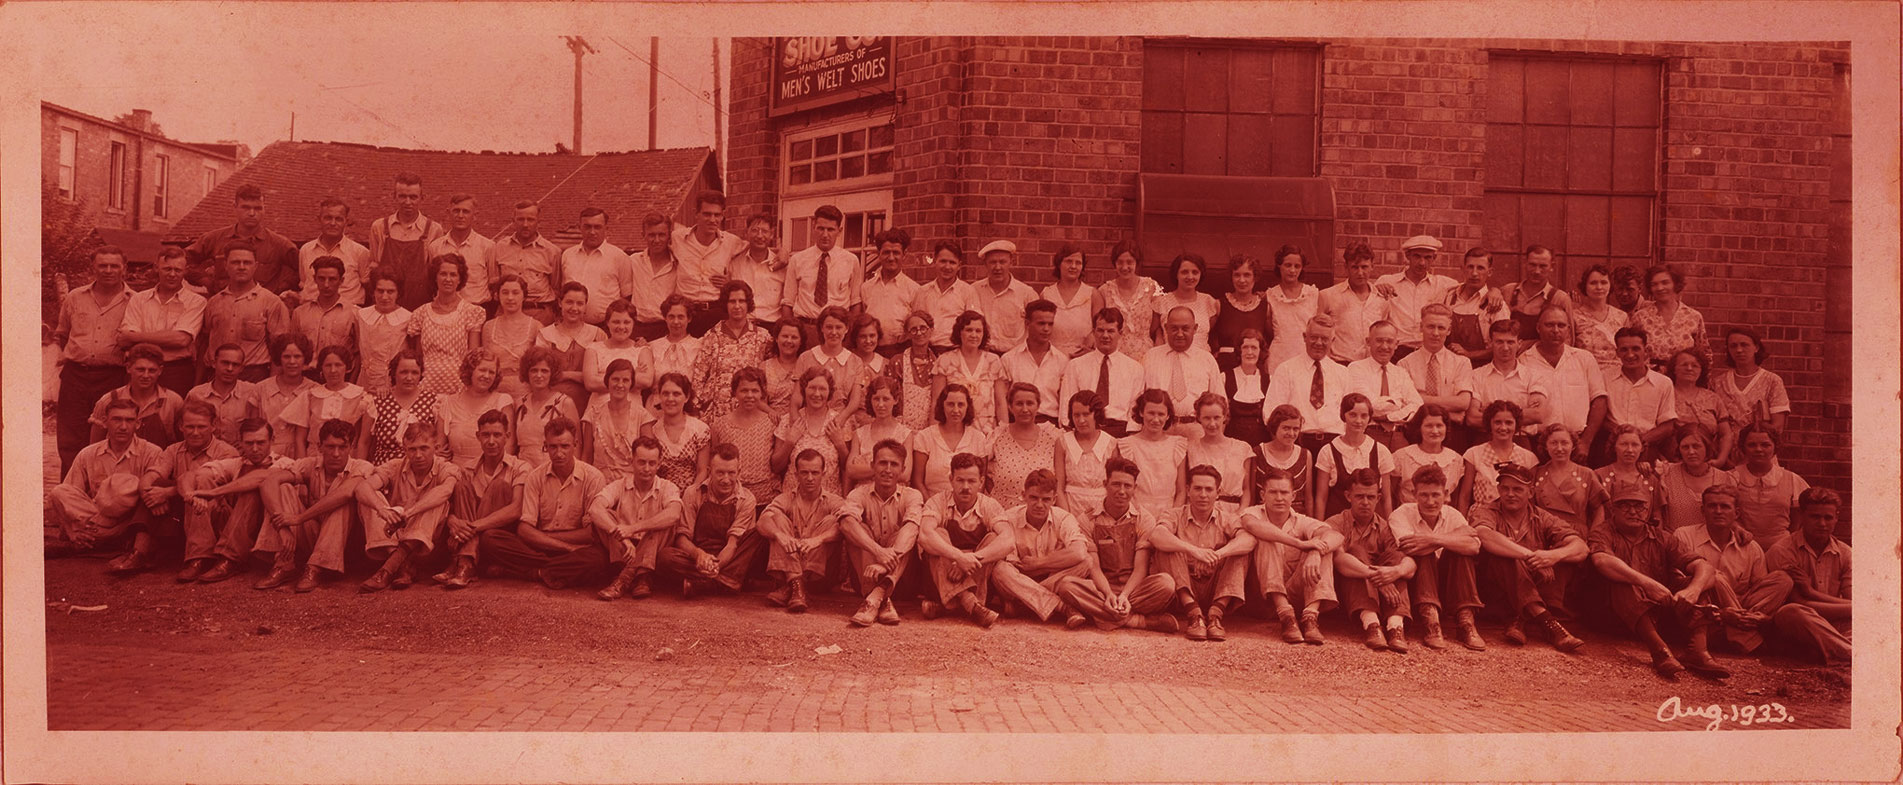 Rocky Team - August 1933